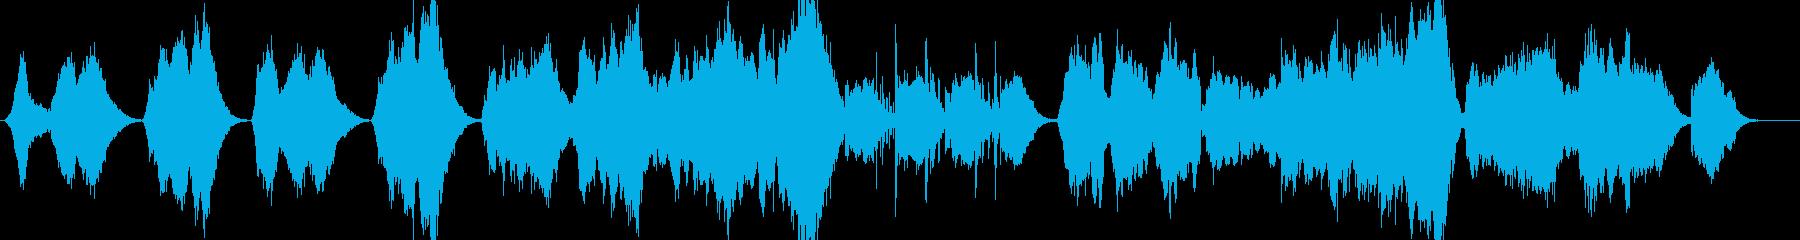 冬 悲しい 切ない 感動 BGMの再生済みの波形